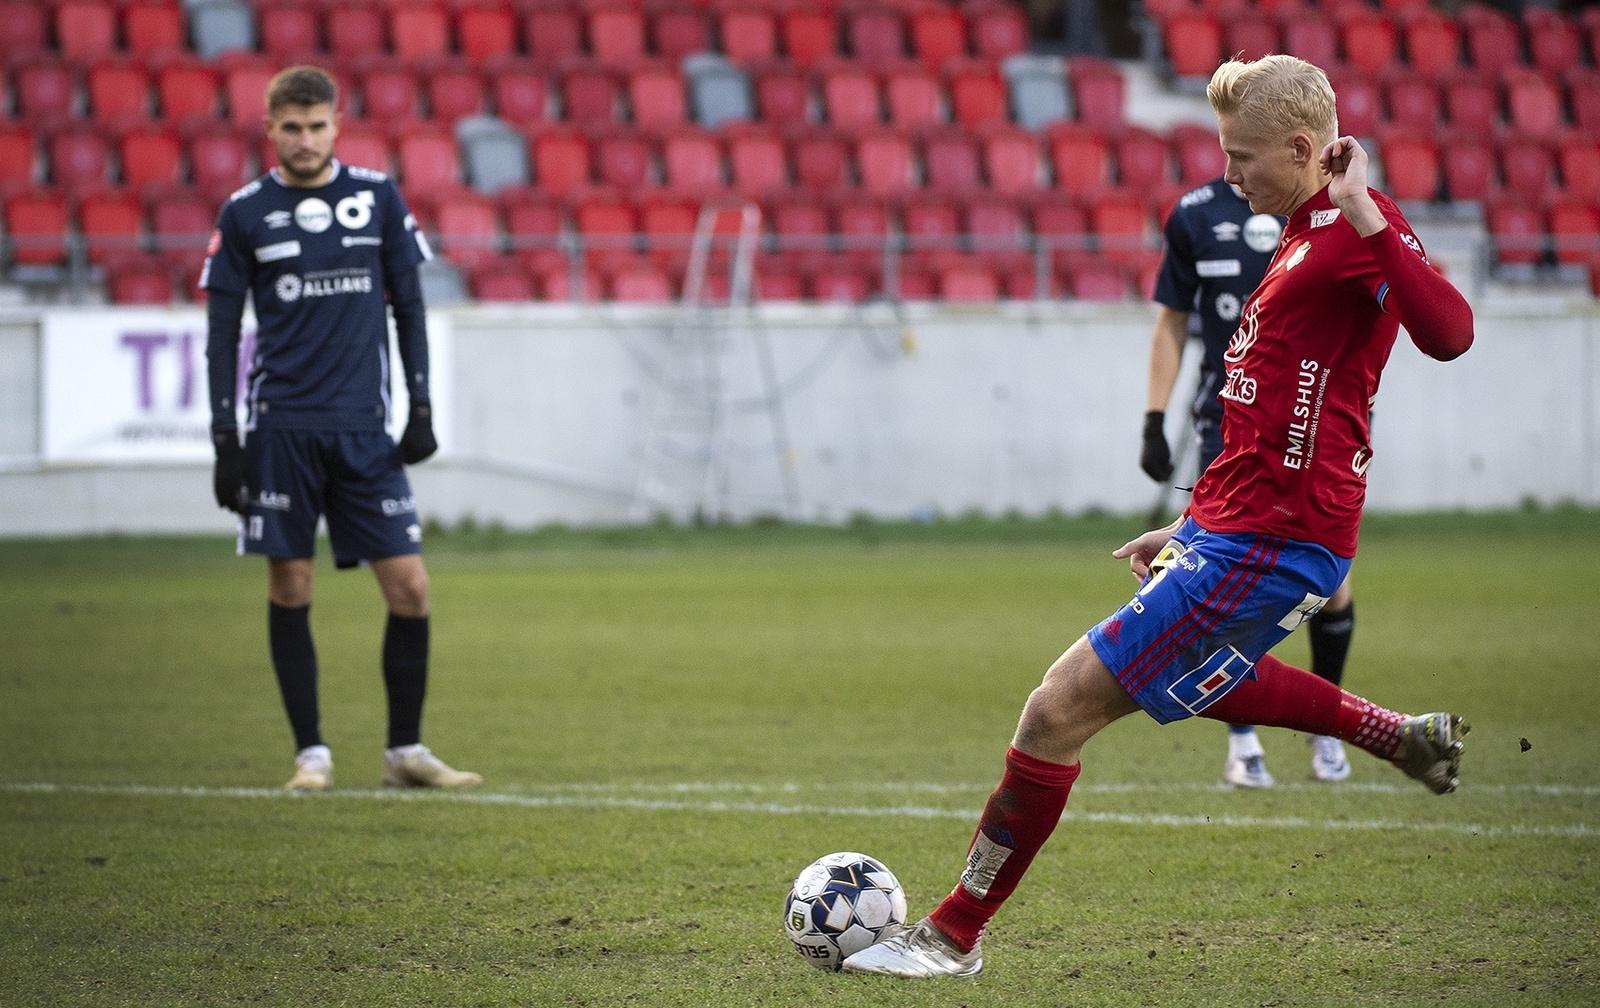 Öster-Degerfors 2-0. Filip Örnblom blev stor matchvinnare genom sina två mål.